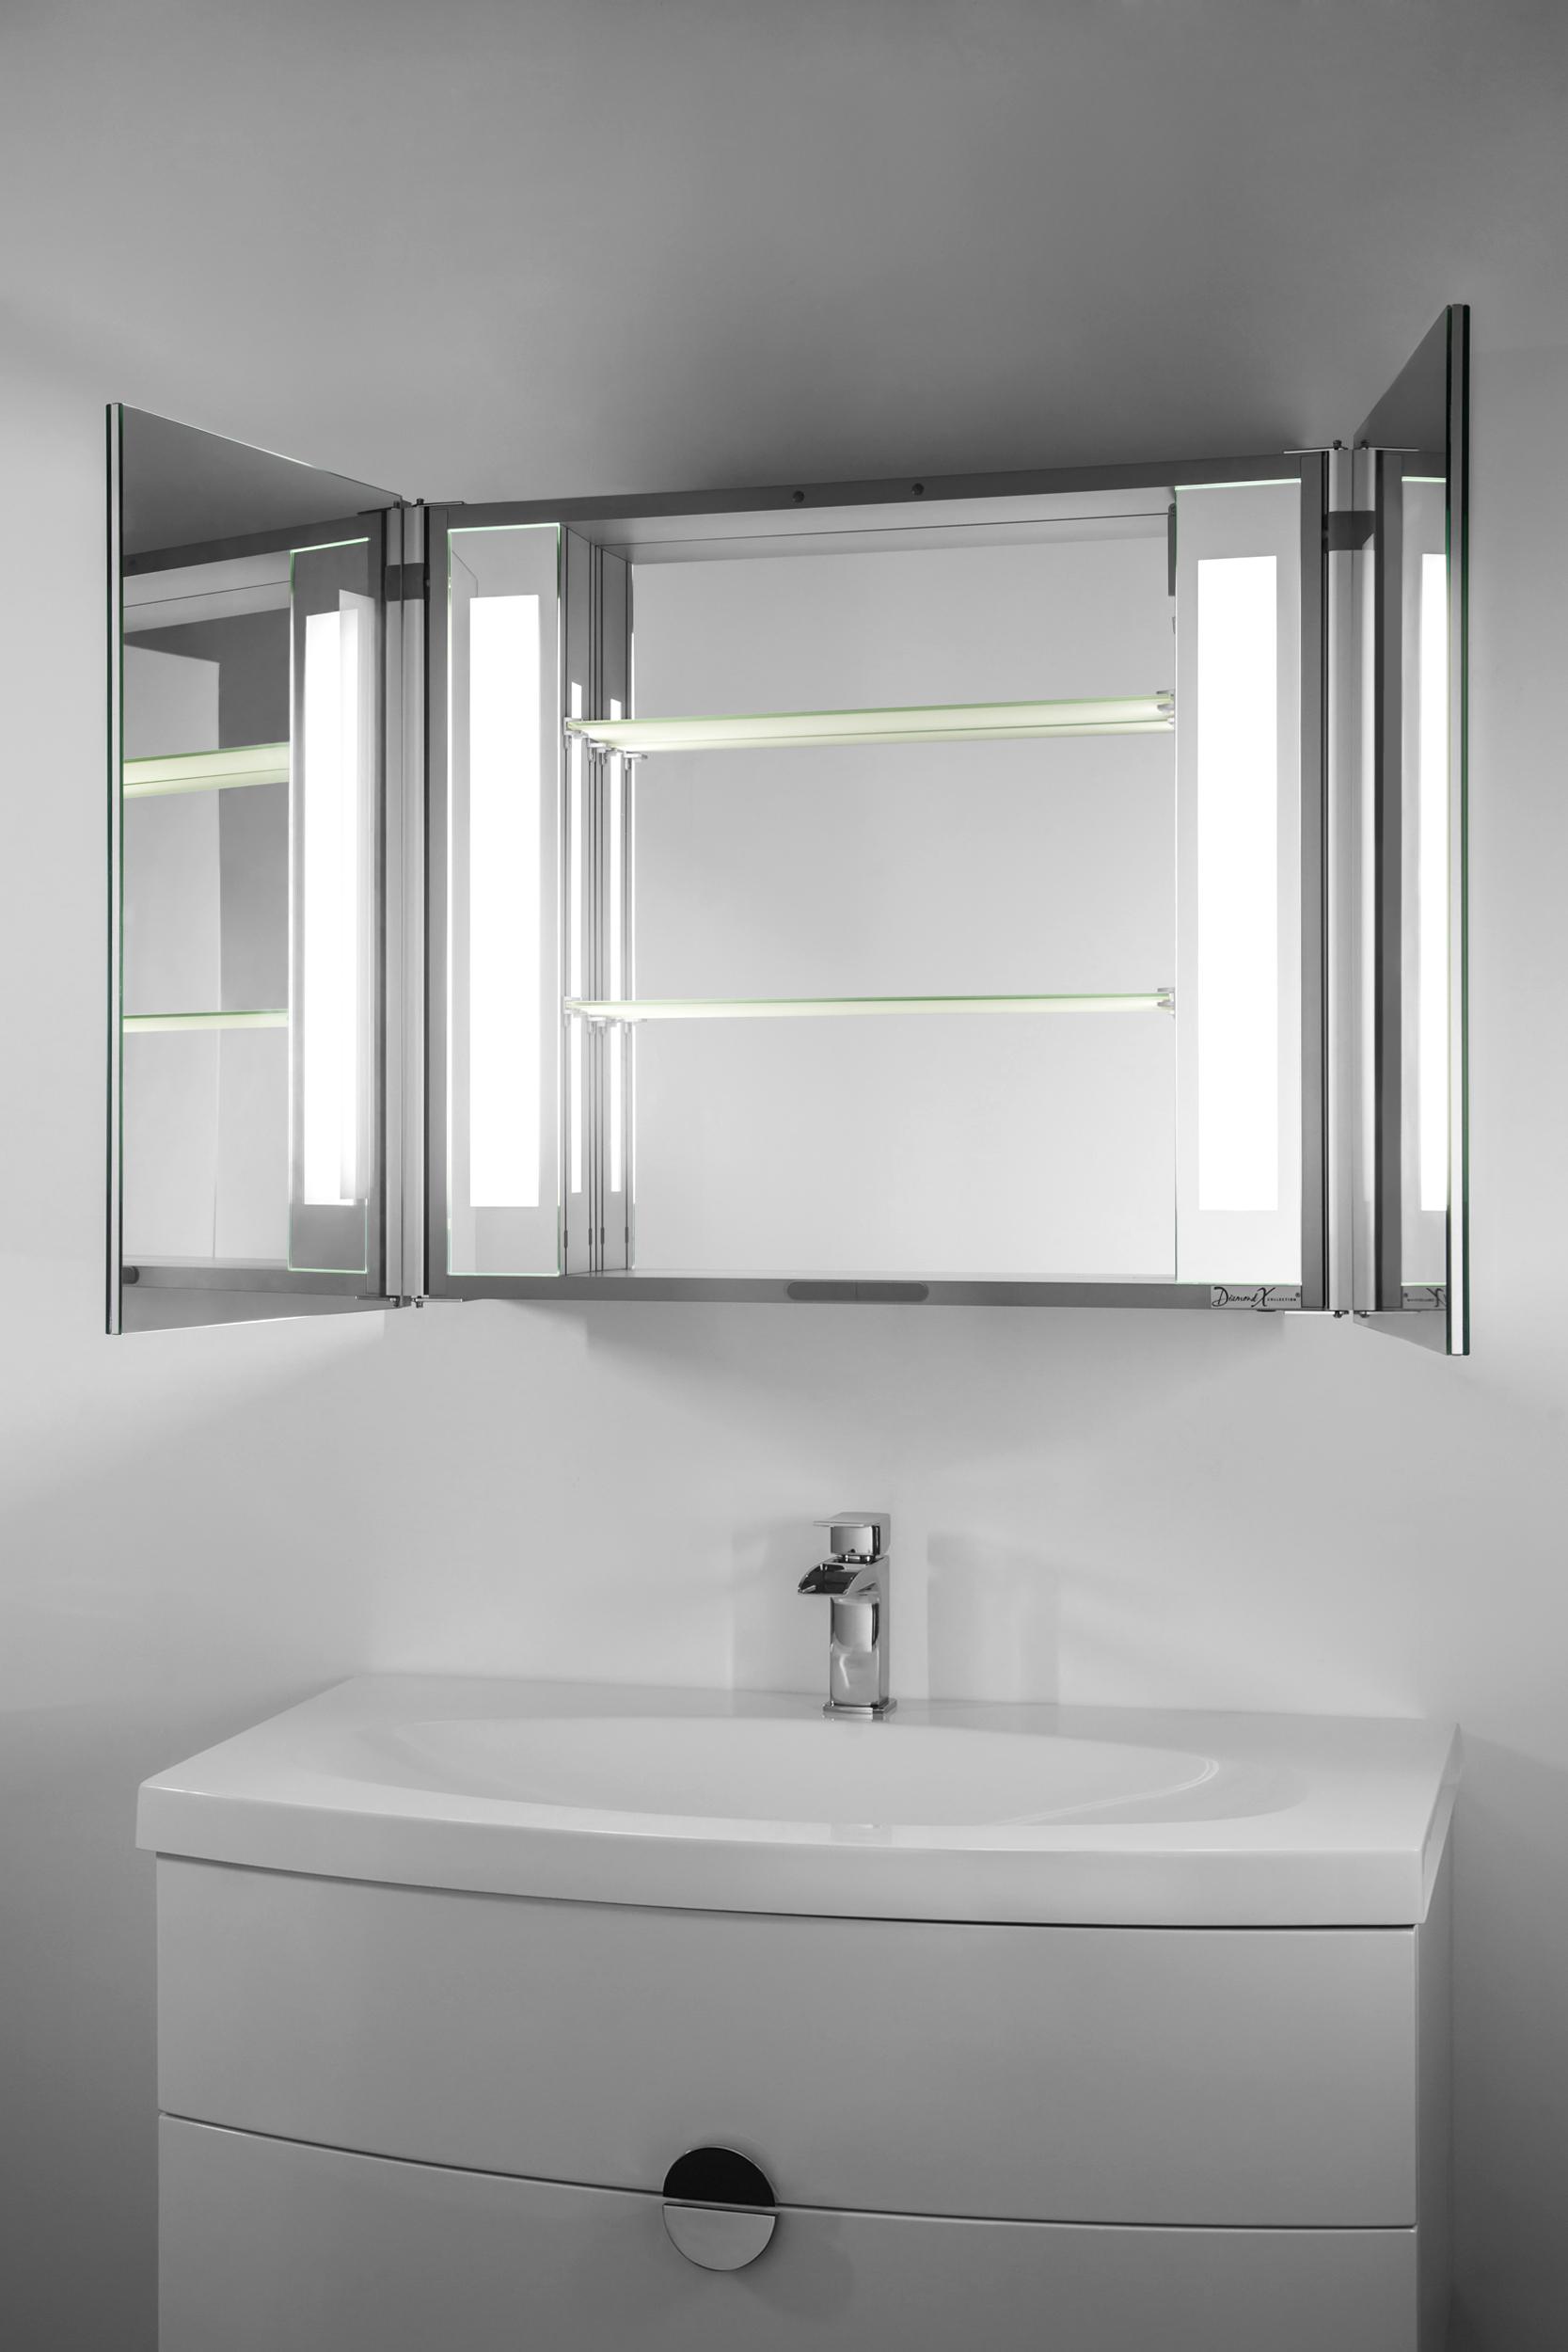 armoire de toilette anti bu e avec capteur et prise rasoir int rieure k80p. Black Bedroom Furniture Sets. Home Design Ideas